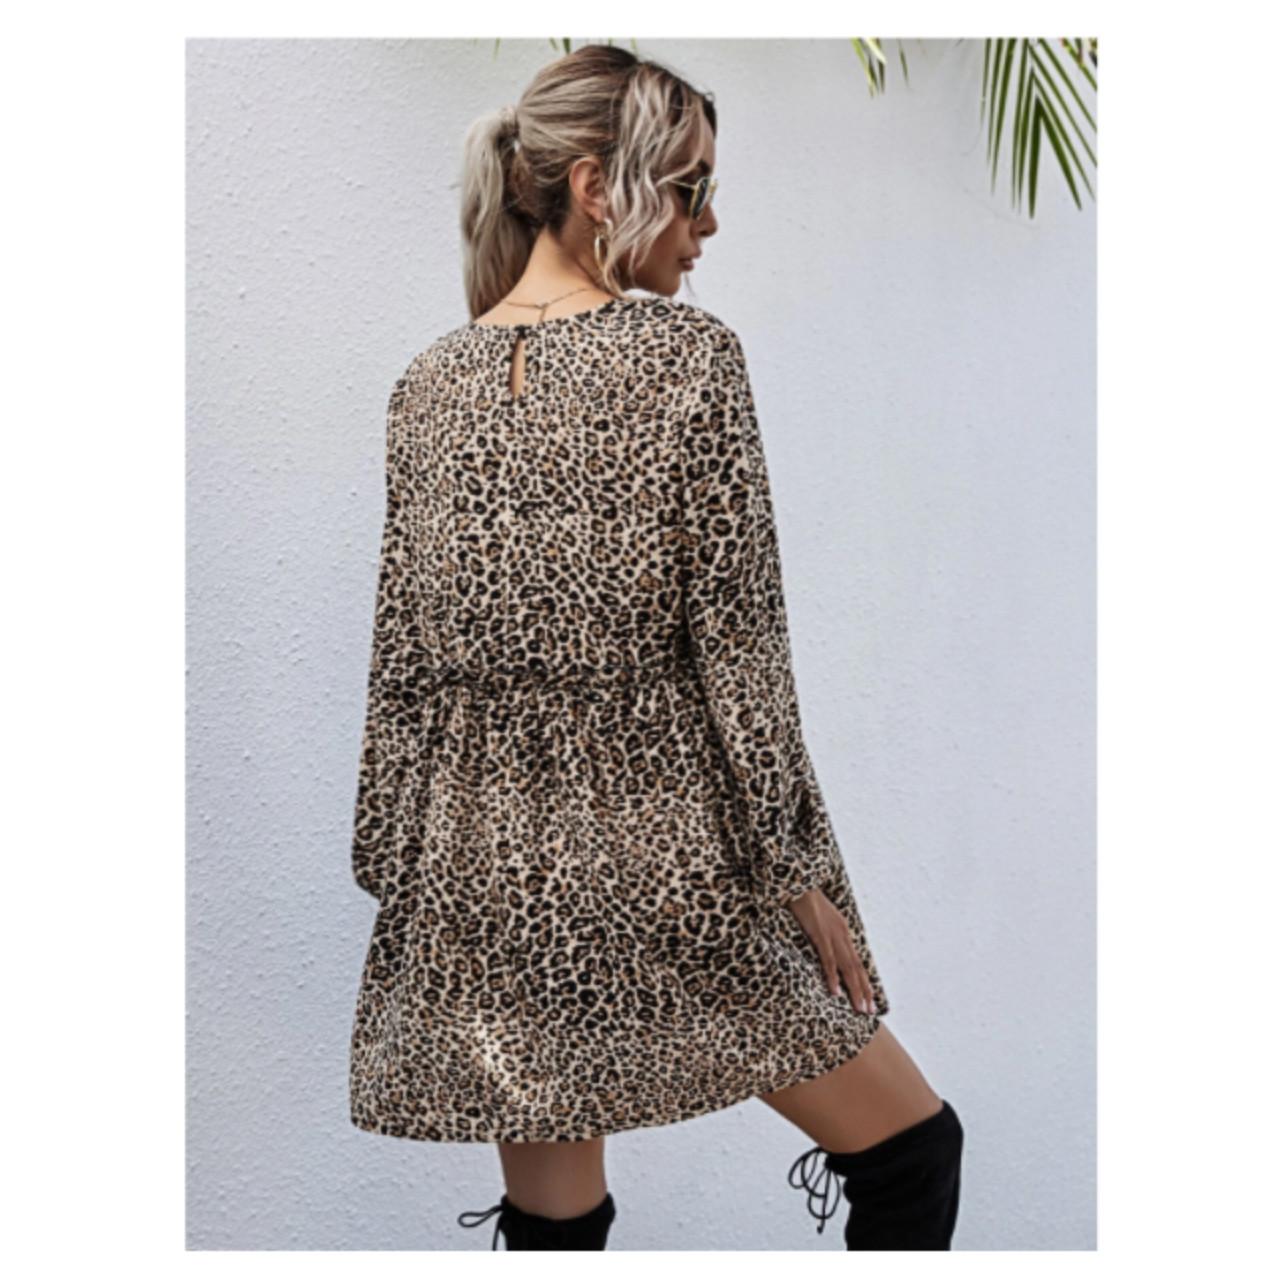 Leopard print frill trim smock dress s